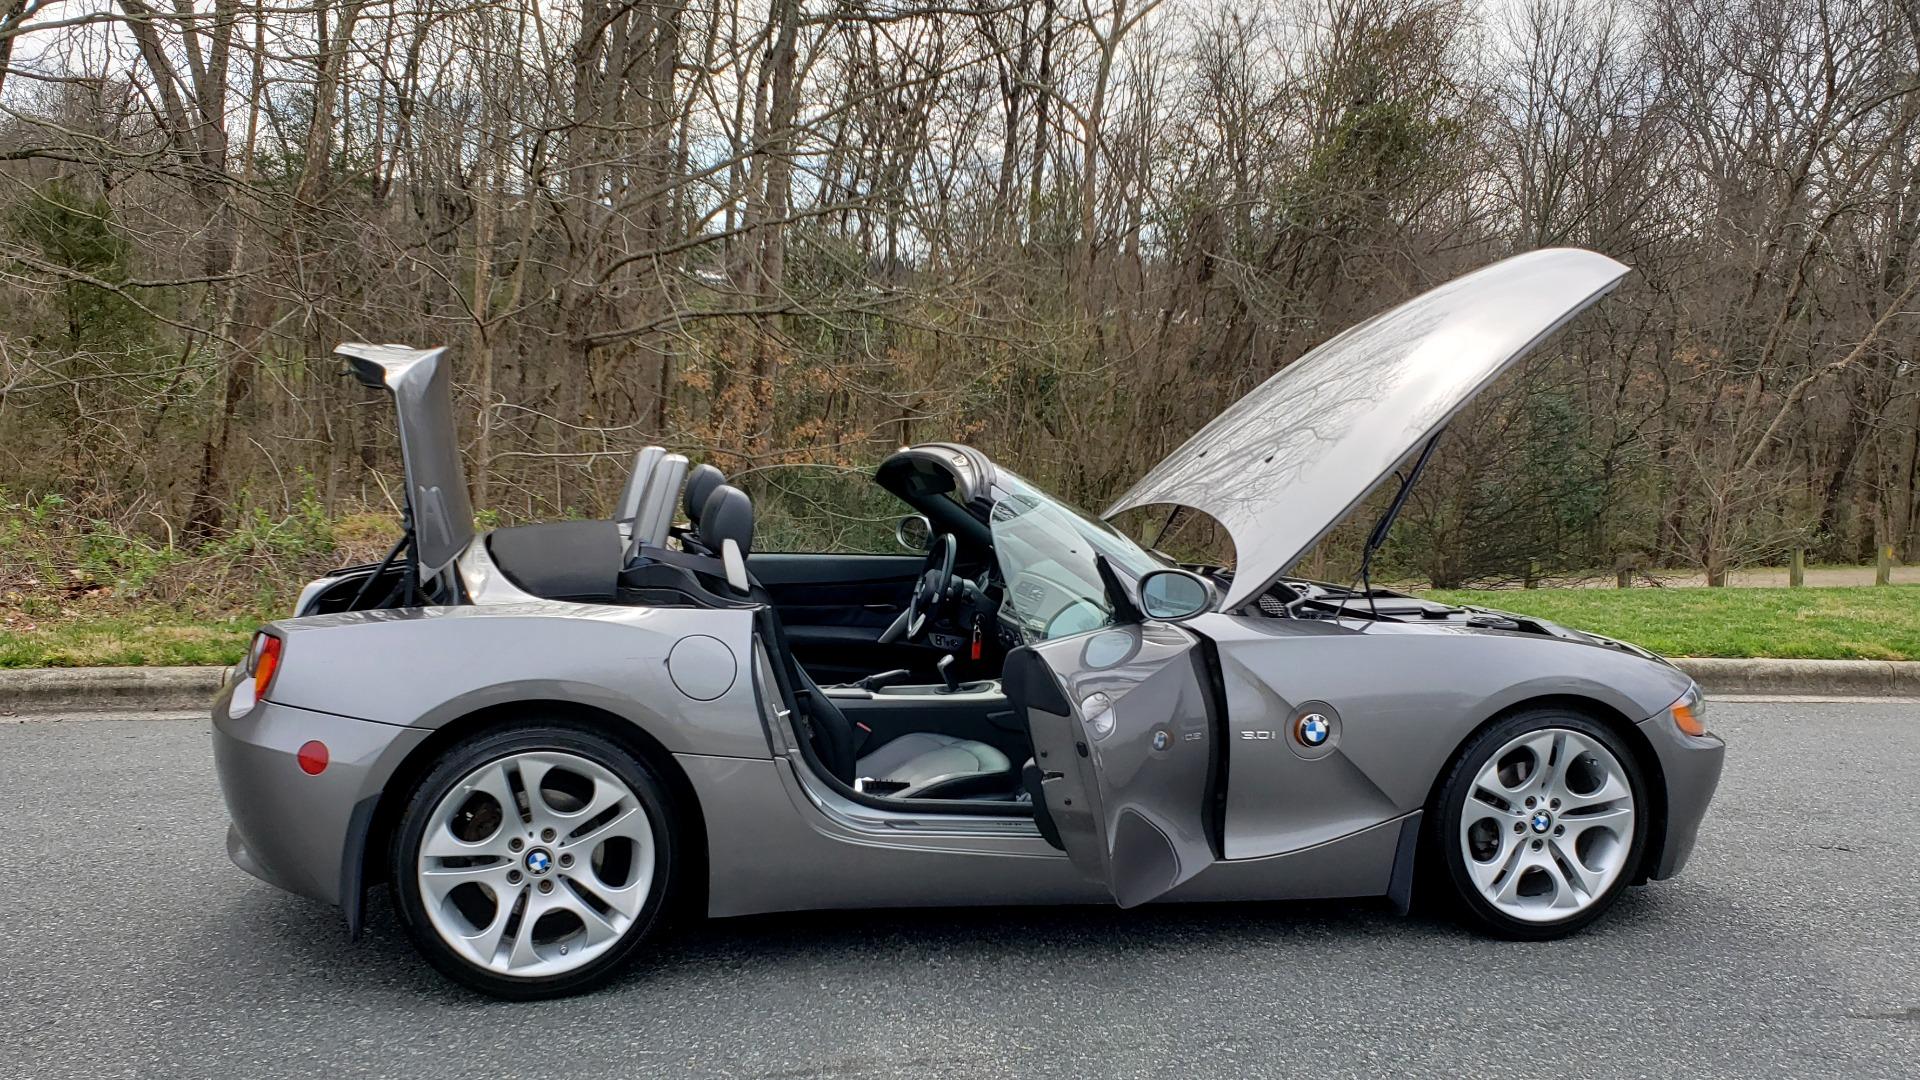 Used 2003 BMW Z4 3.0i ROADSTER / 6-SPD MAN / PREMIUM PKG / SPORT PKG / HTD STS for sale Sold at Formula Imports in Charlotte NC 28227 11